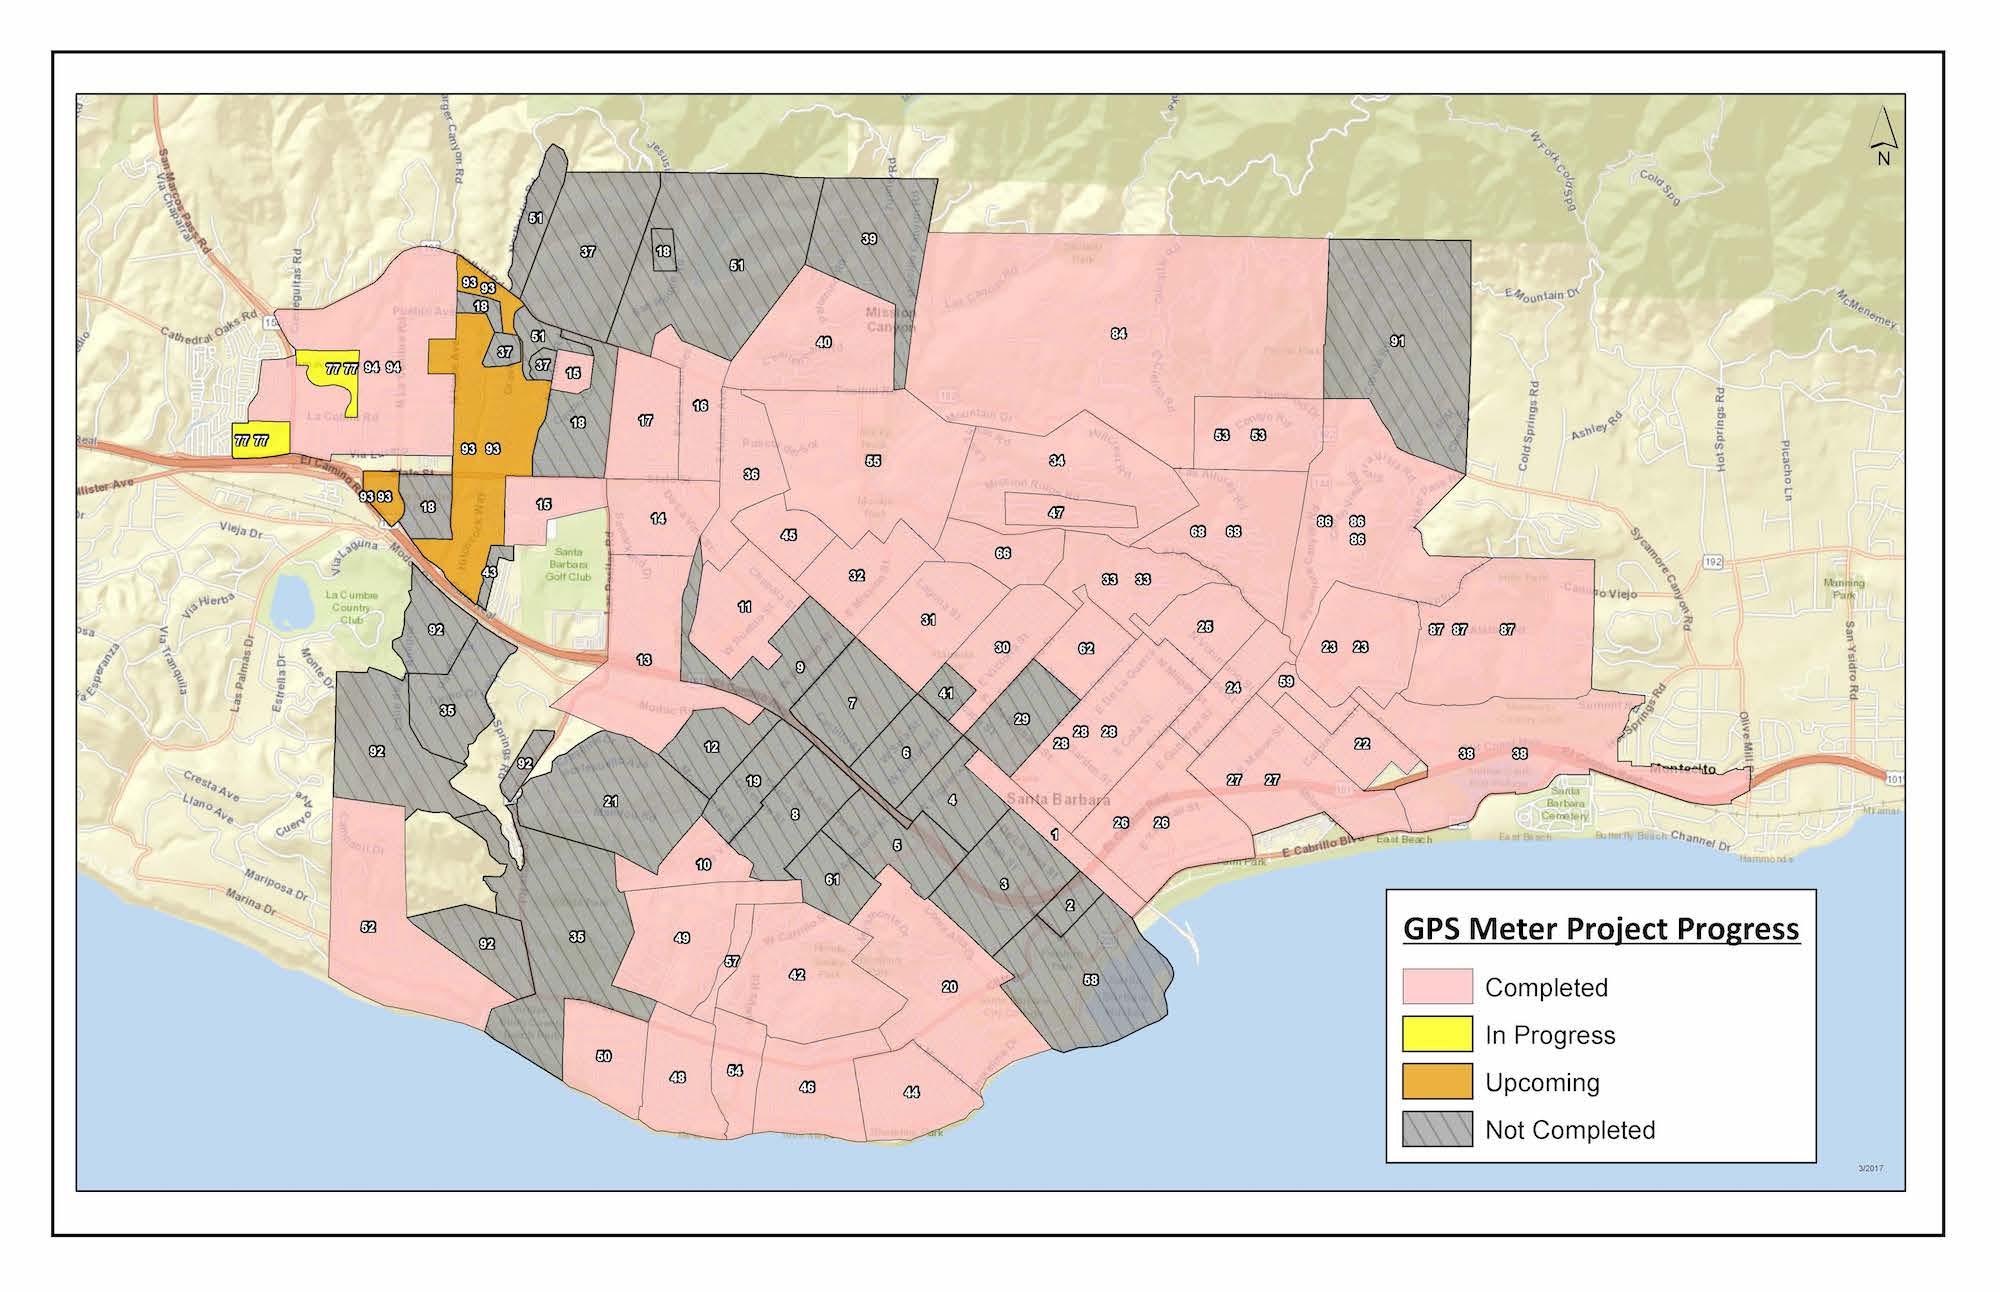 City of Santa Barbara - Updated Meter Map